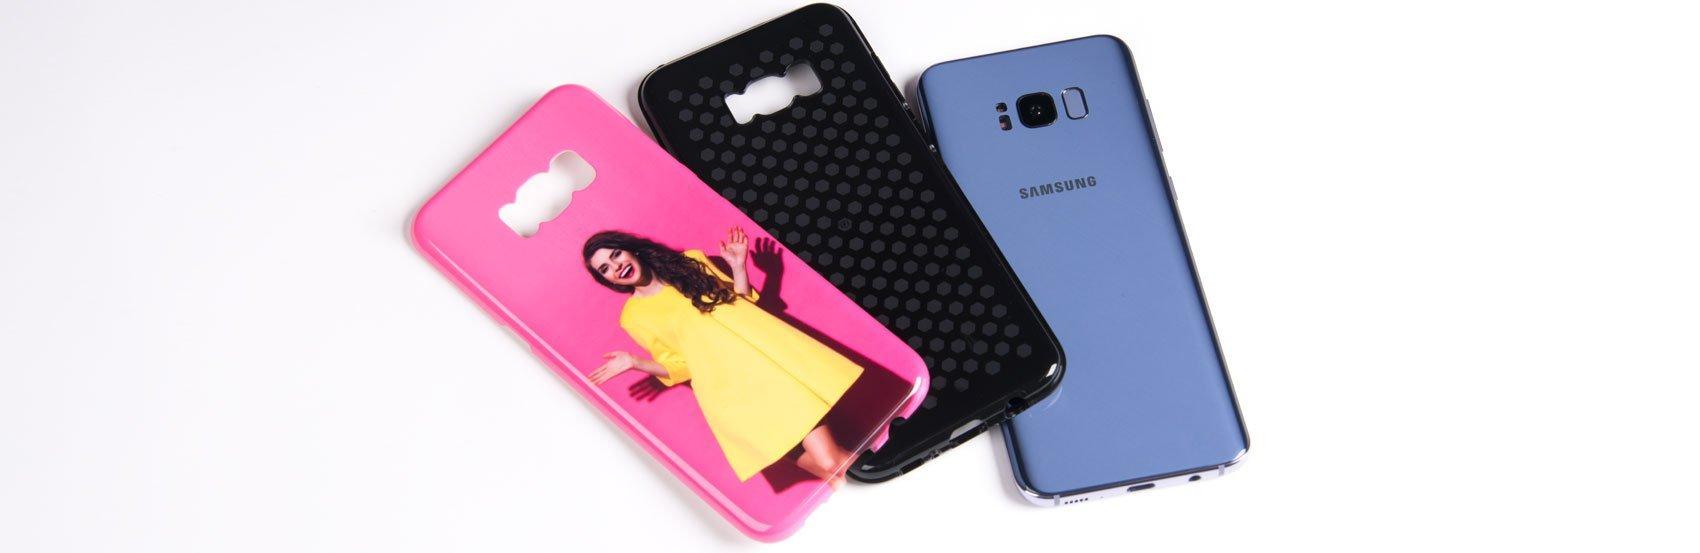 Handyhülle für Samsung Galaxy S8 mit flexibler innerer TPU Hülle und äusserer harter Schale mit Foto (Dual Protect)